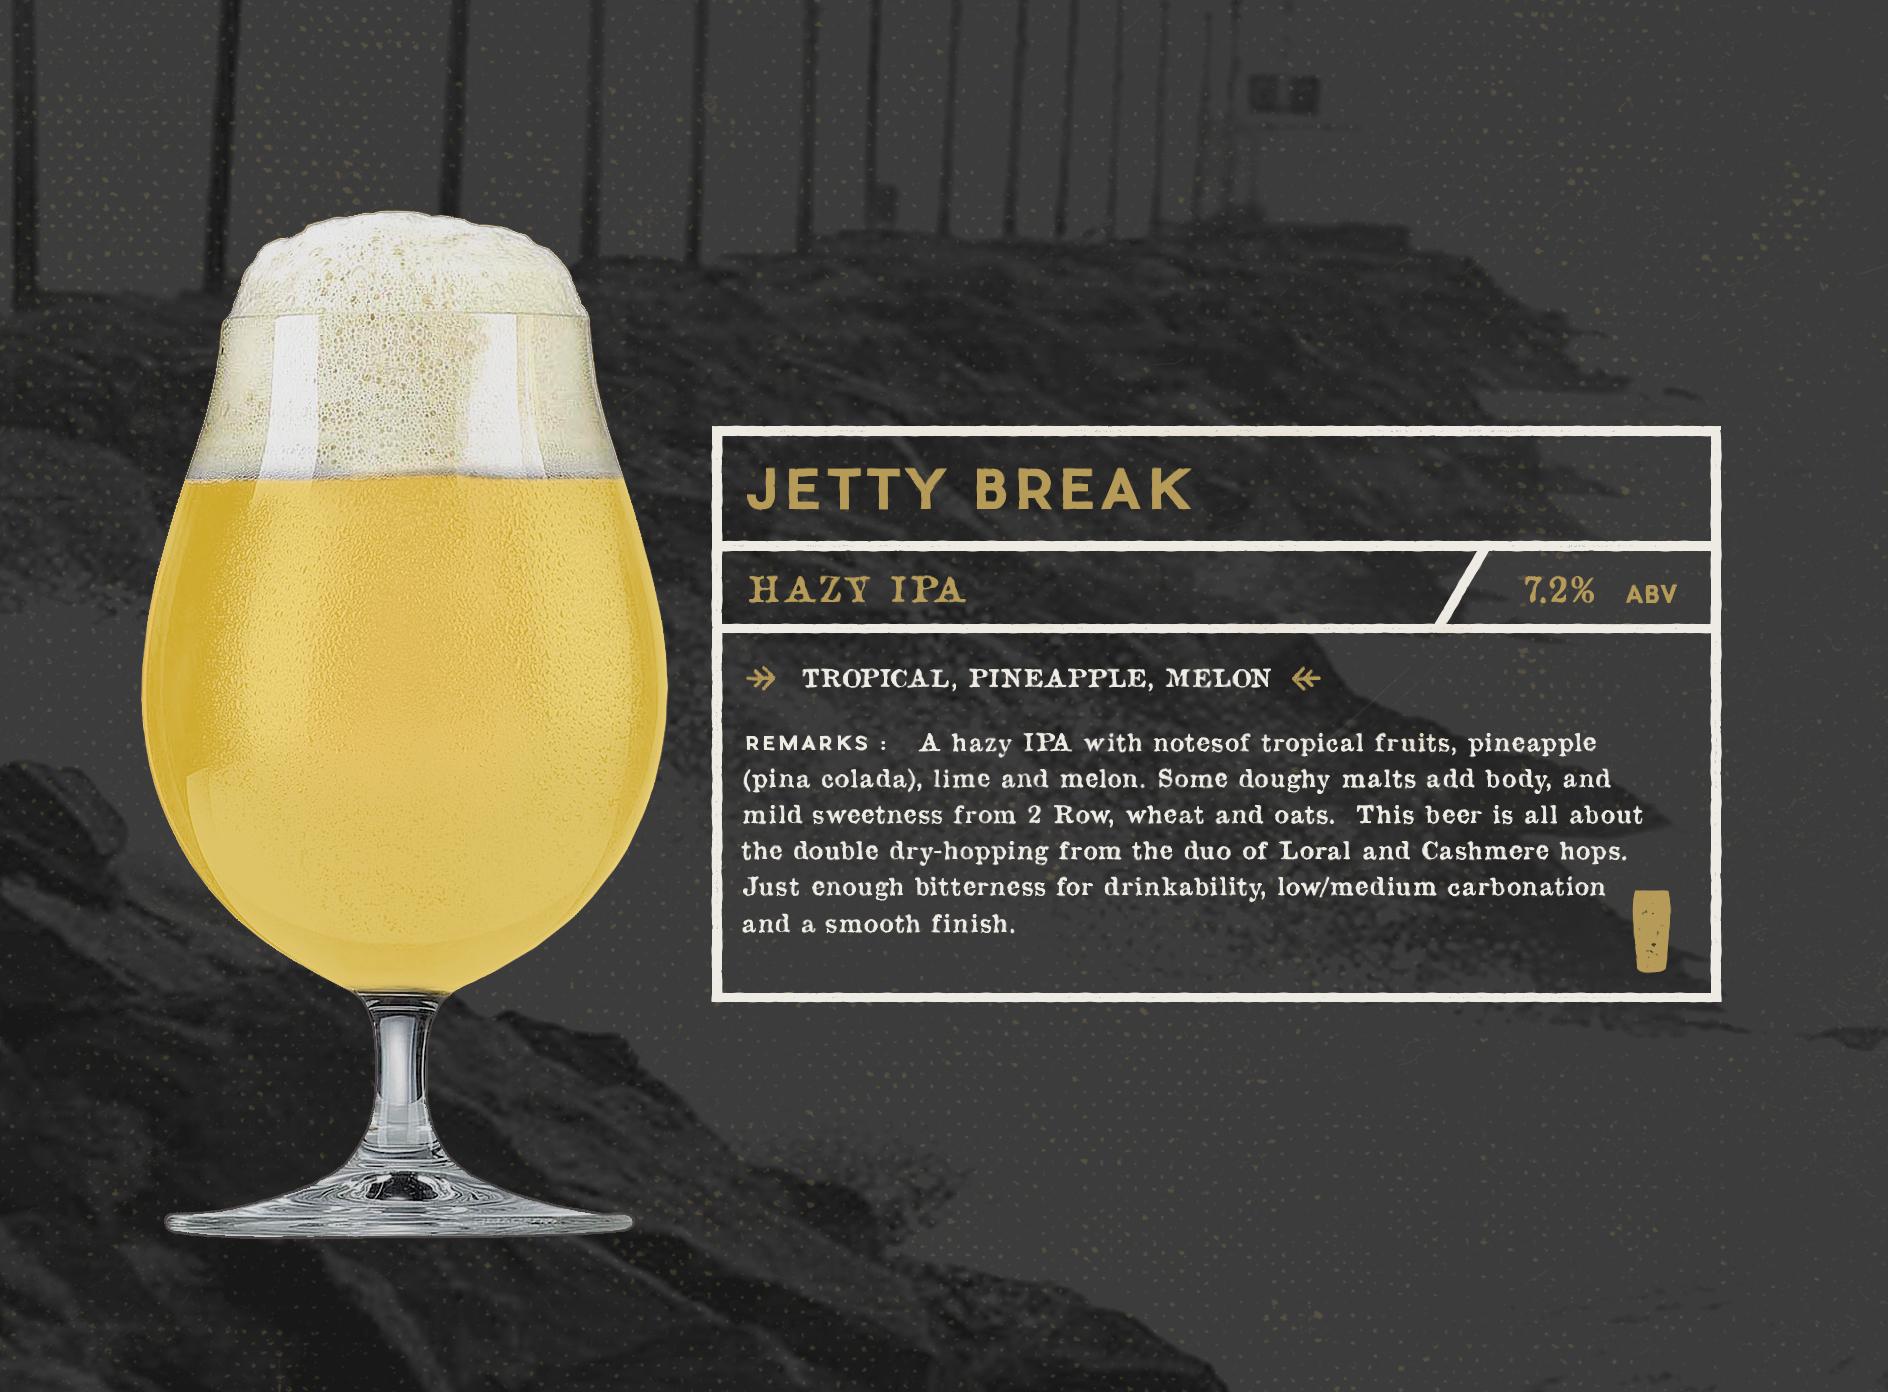 JETTY BREAK